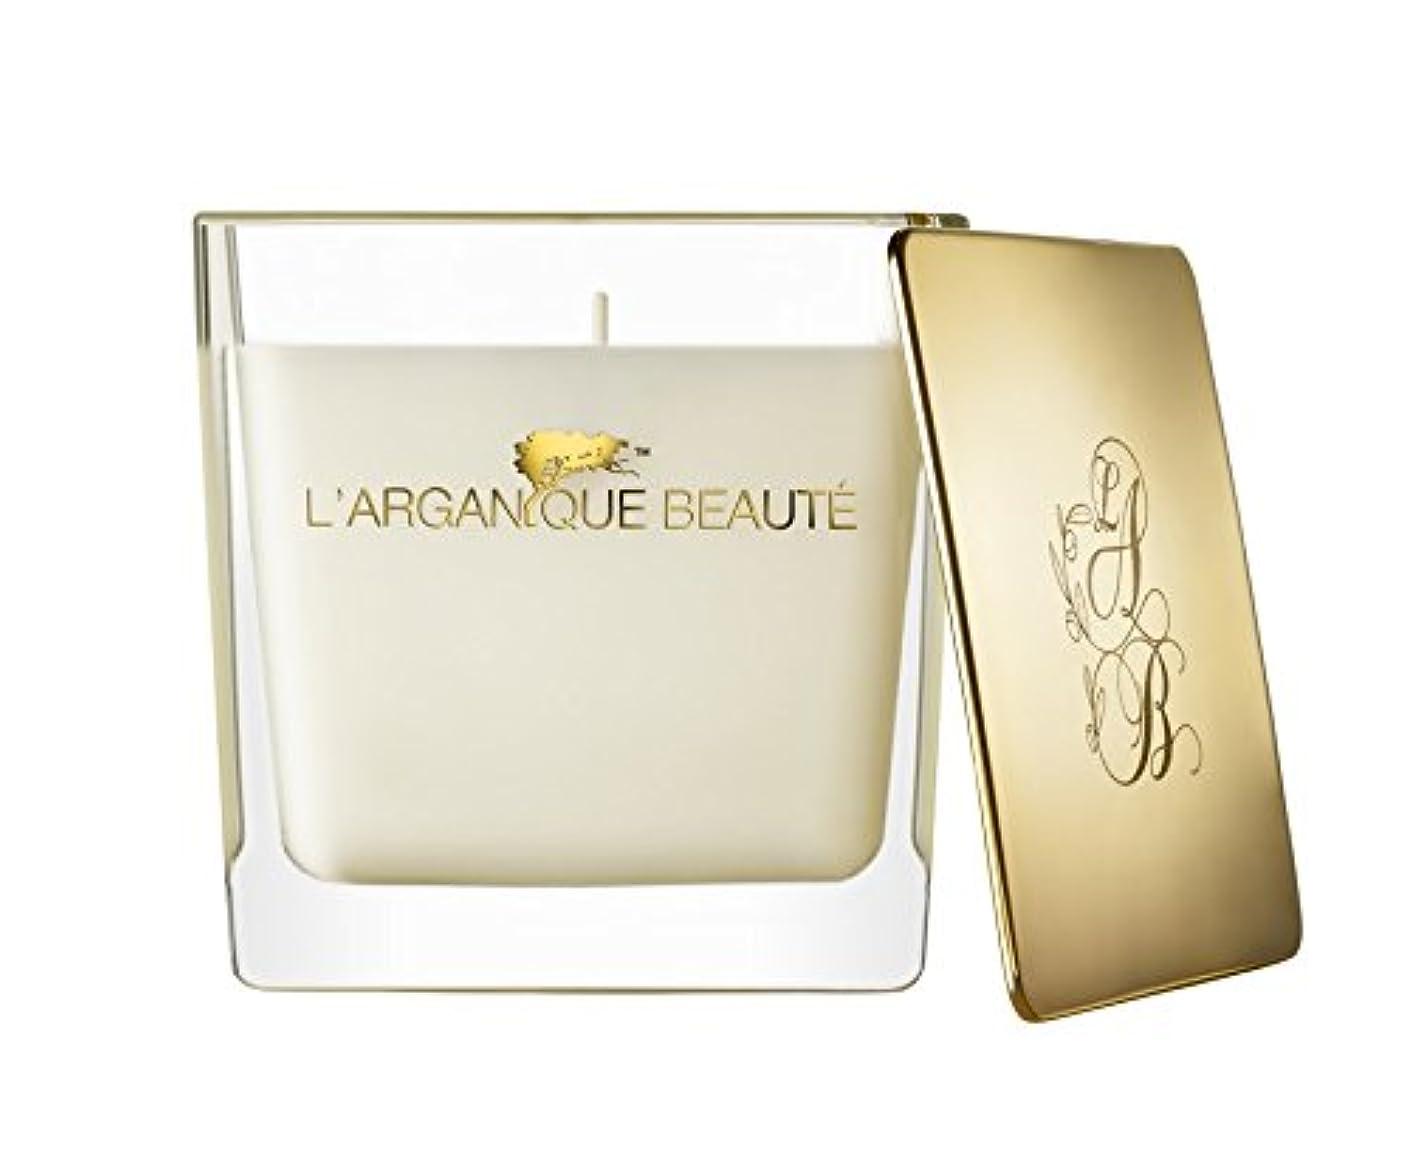 勤勉な居心地の良い一握りL 'arganique Beaute Luxury Scented Candle、Perfumed香りSpa Candle?–?Made w/100?%大豆ワックス、鉛フリーWick、純粋なモロッコアルガンオイルEssence?–?For Baths、クリスマス、休日、 14.1oz